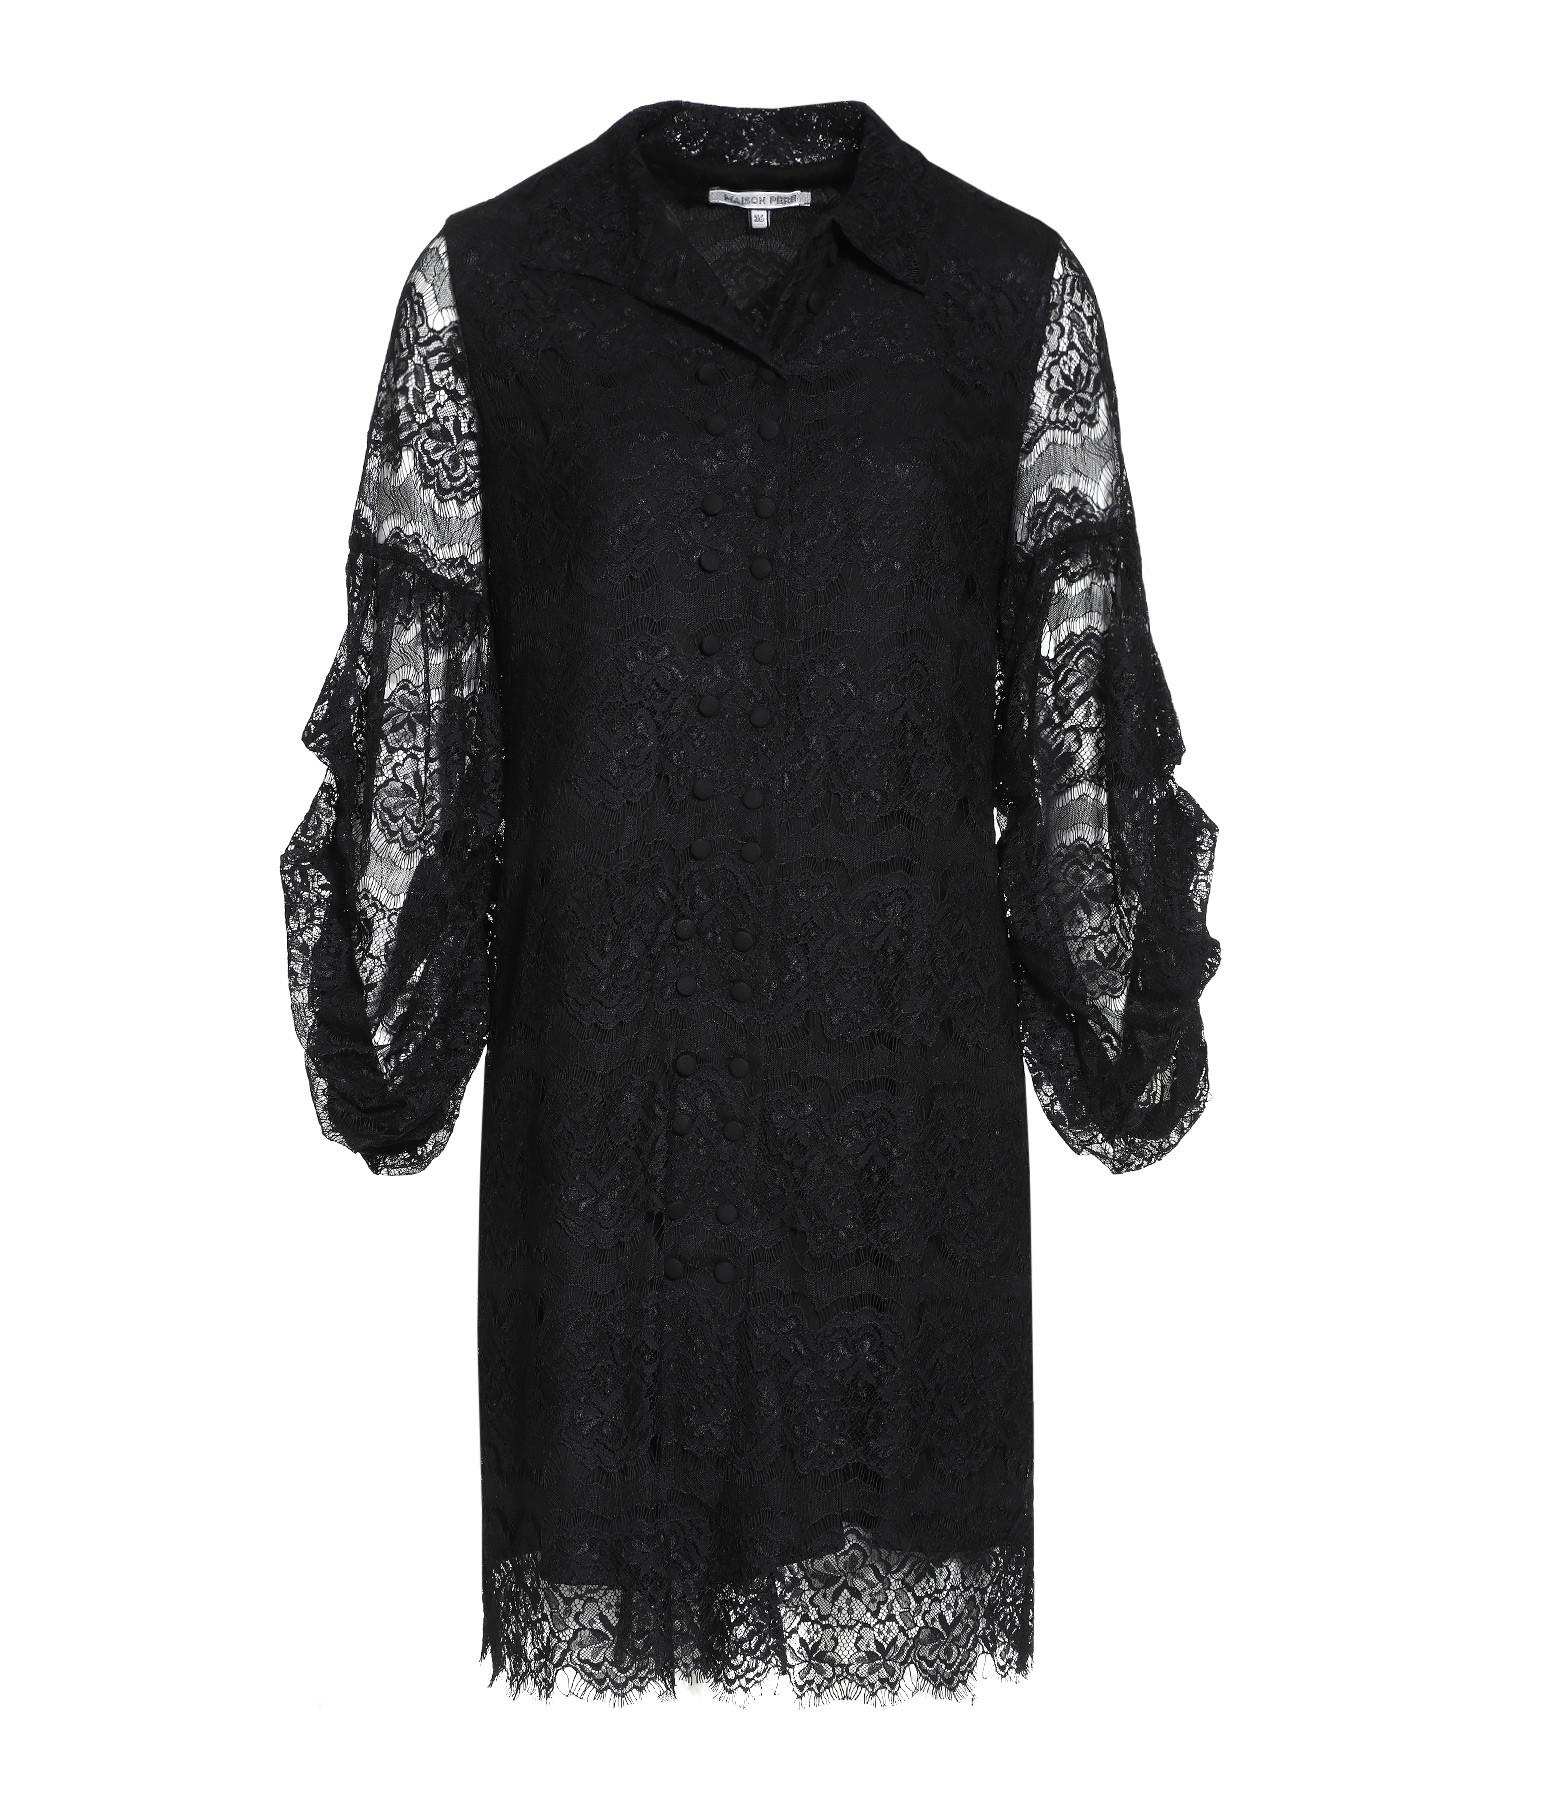 MAISON PÈRE - Robe Dentelles Noir